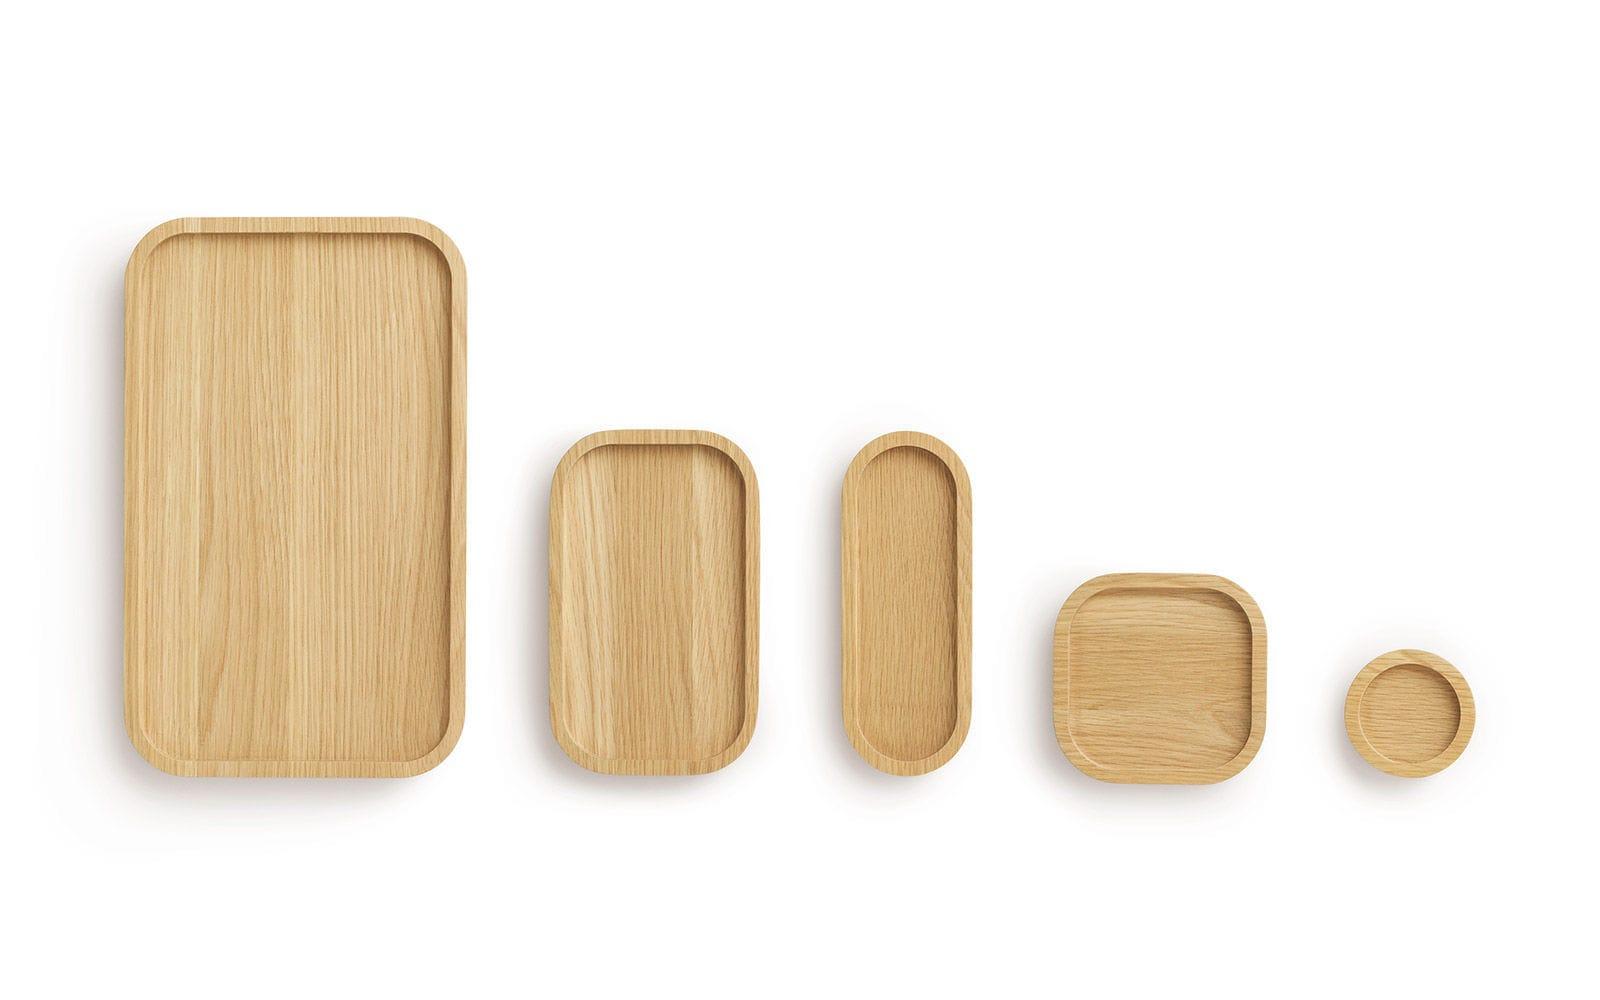 Tablett Holz Design serviertablett aus eiche für privatgebrauch astro by nestor